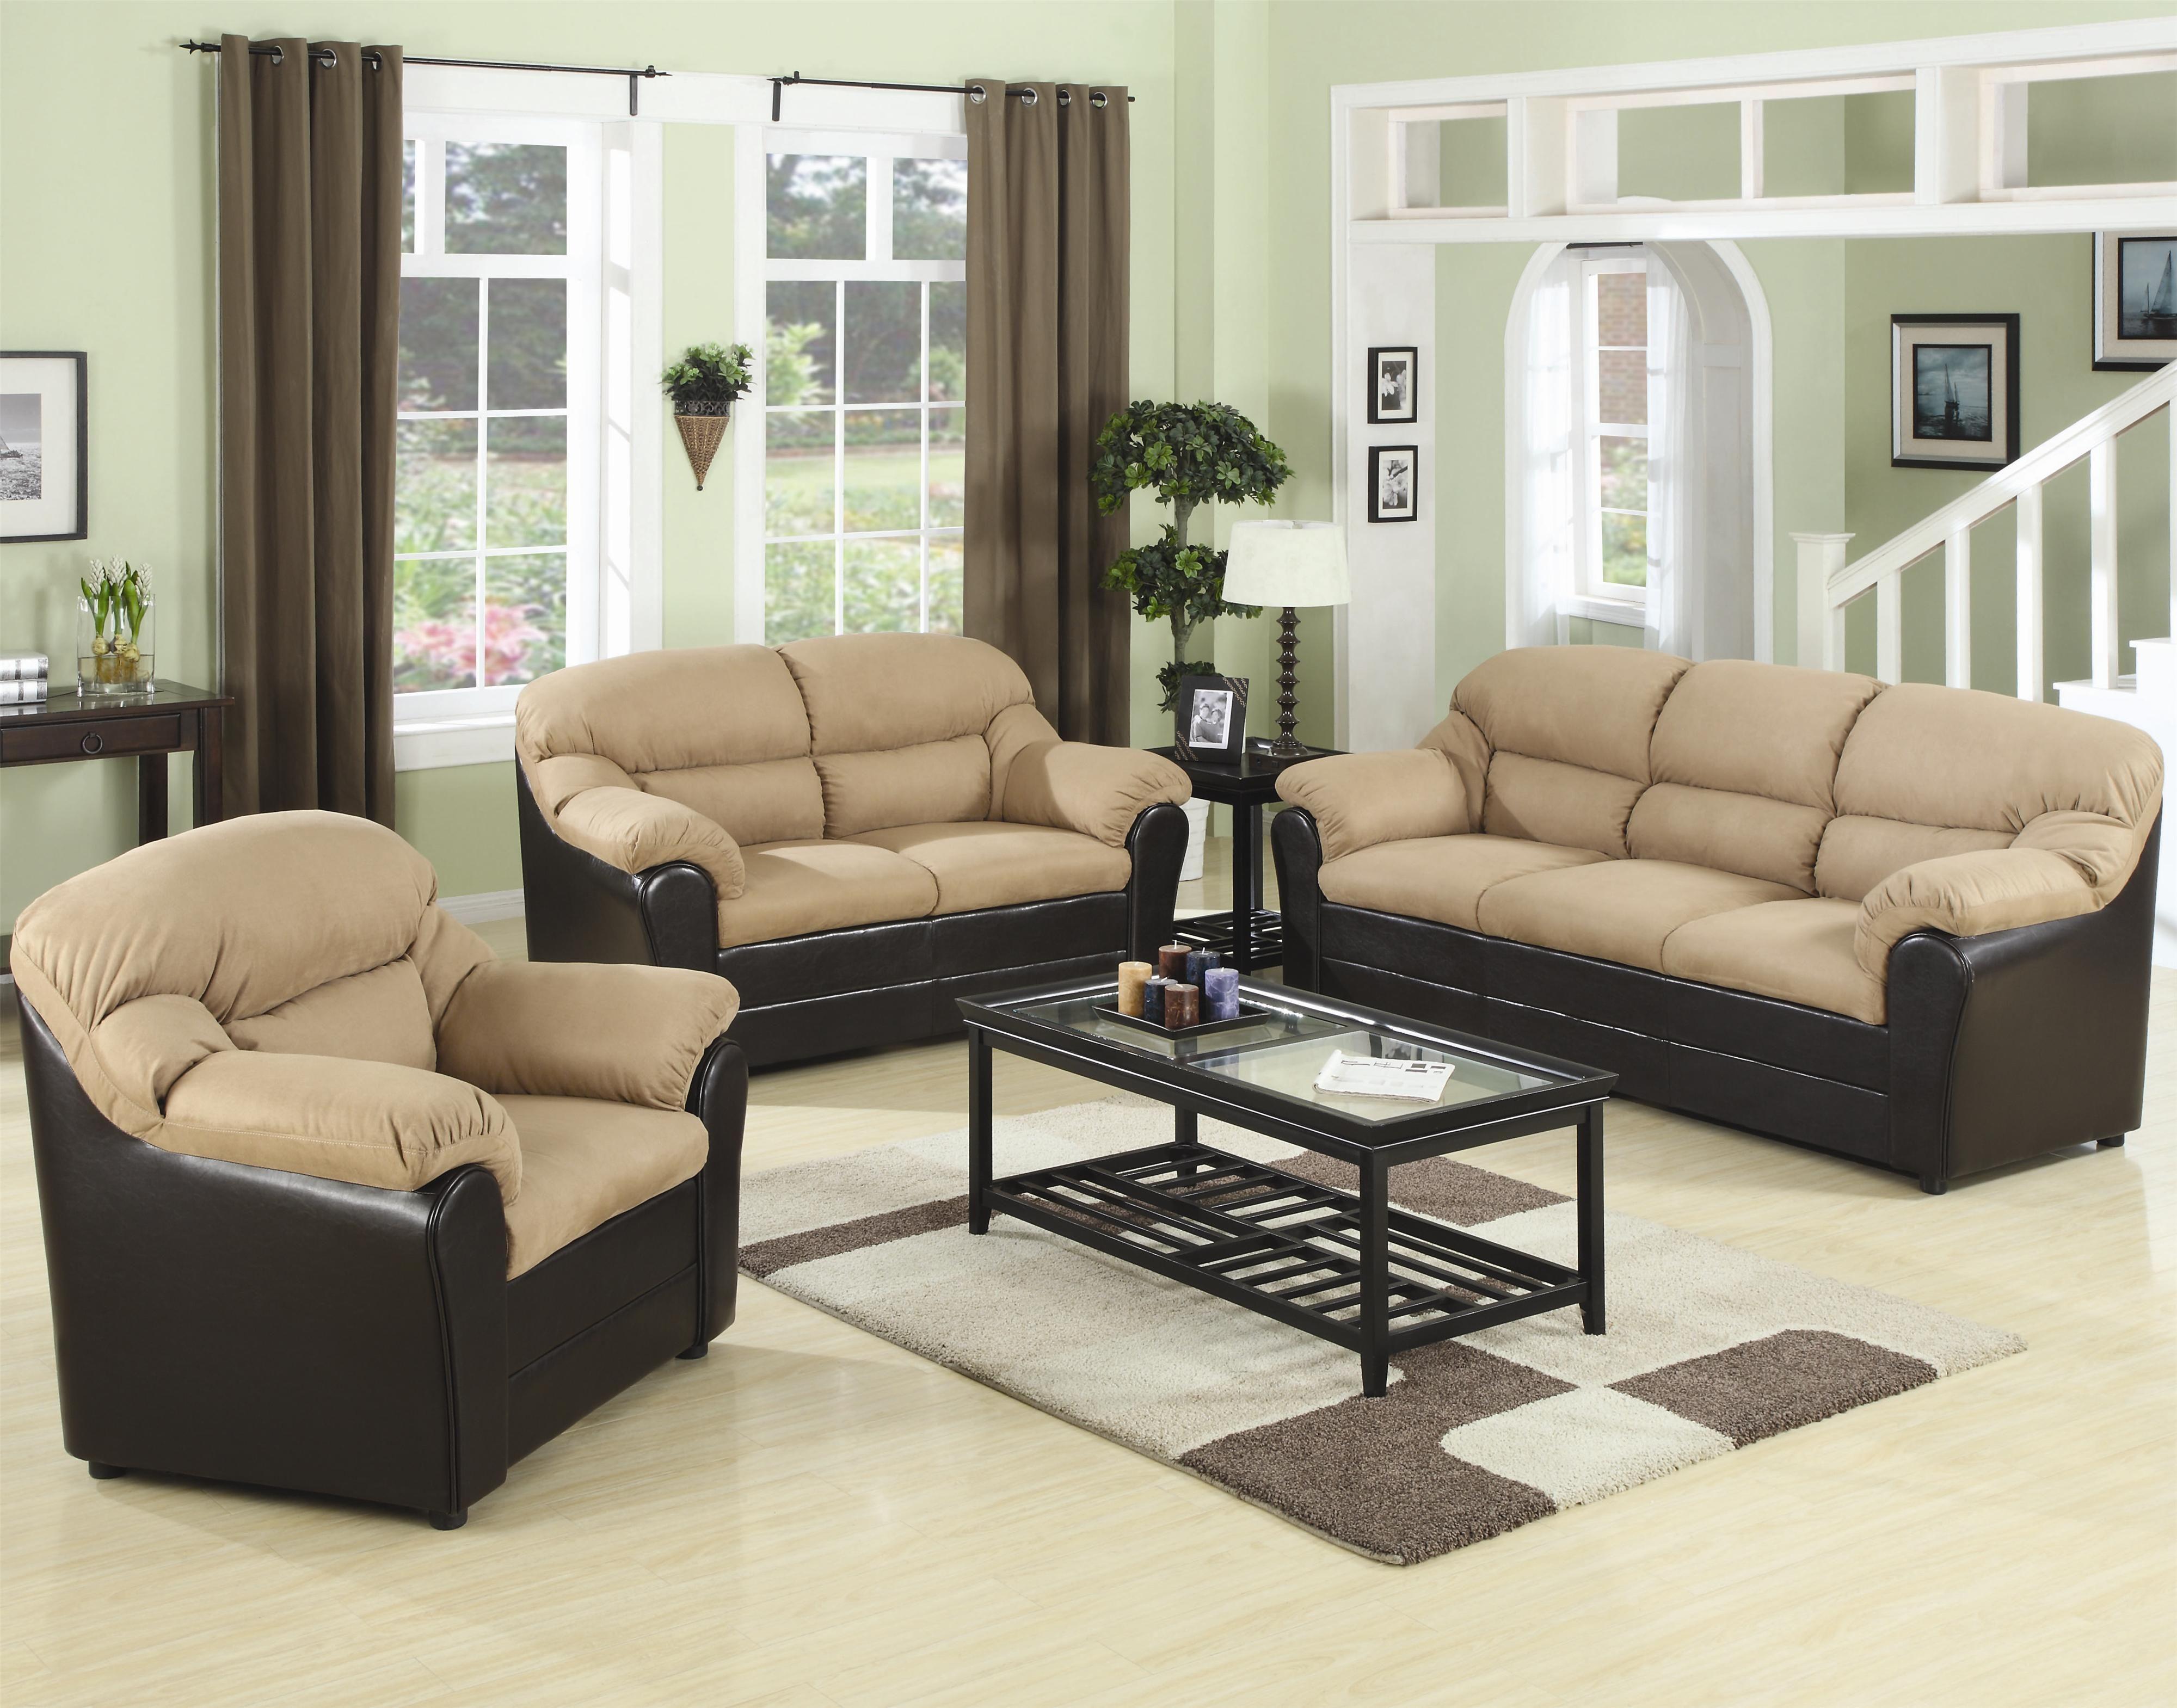 Interior Living Room Sectional Sets Image Contemporary Living Room Gorgeous Cheap Living Room Sets Under 300 Design Decoration